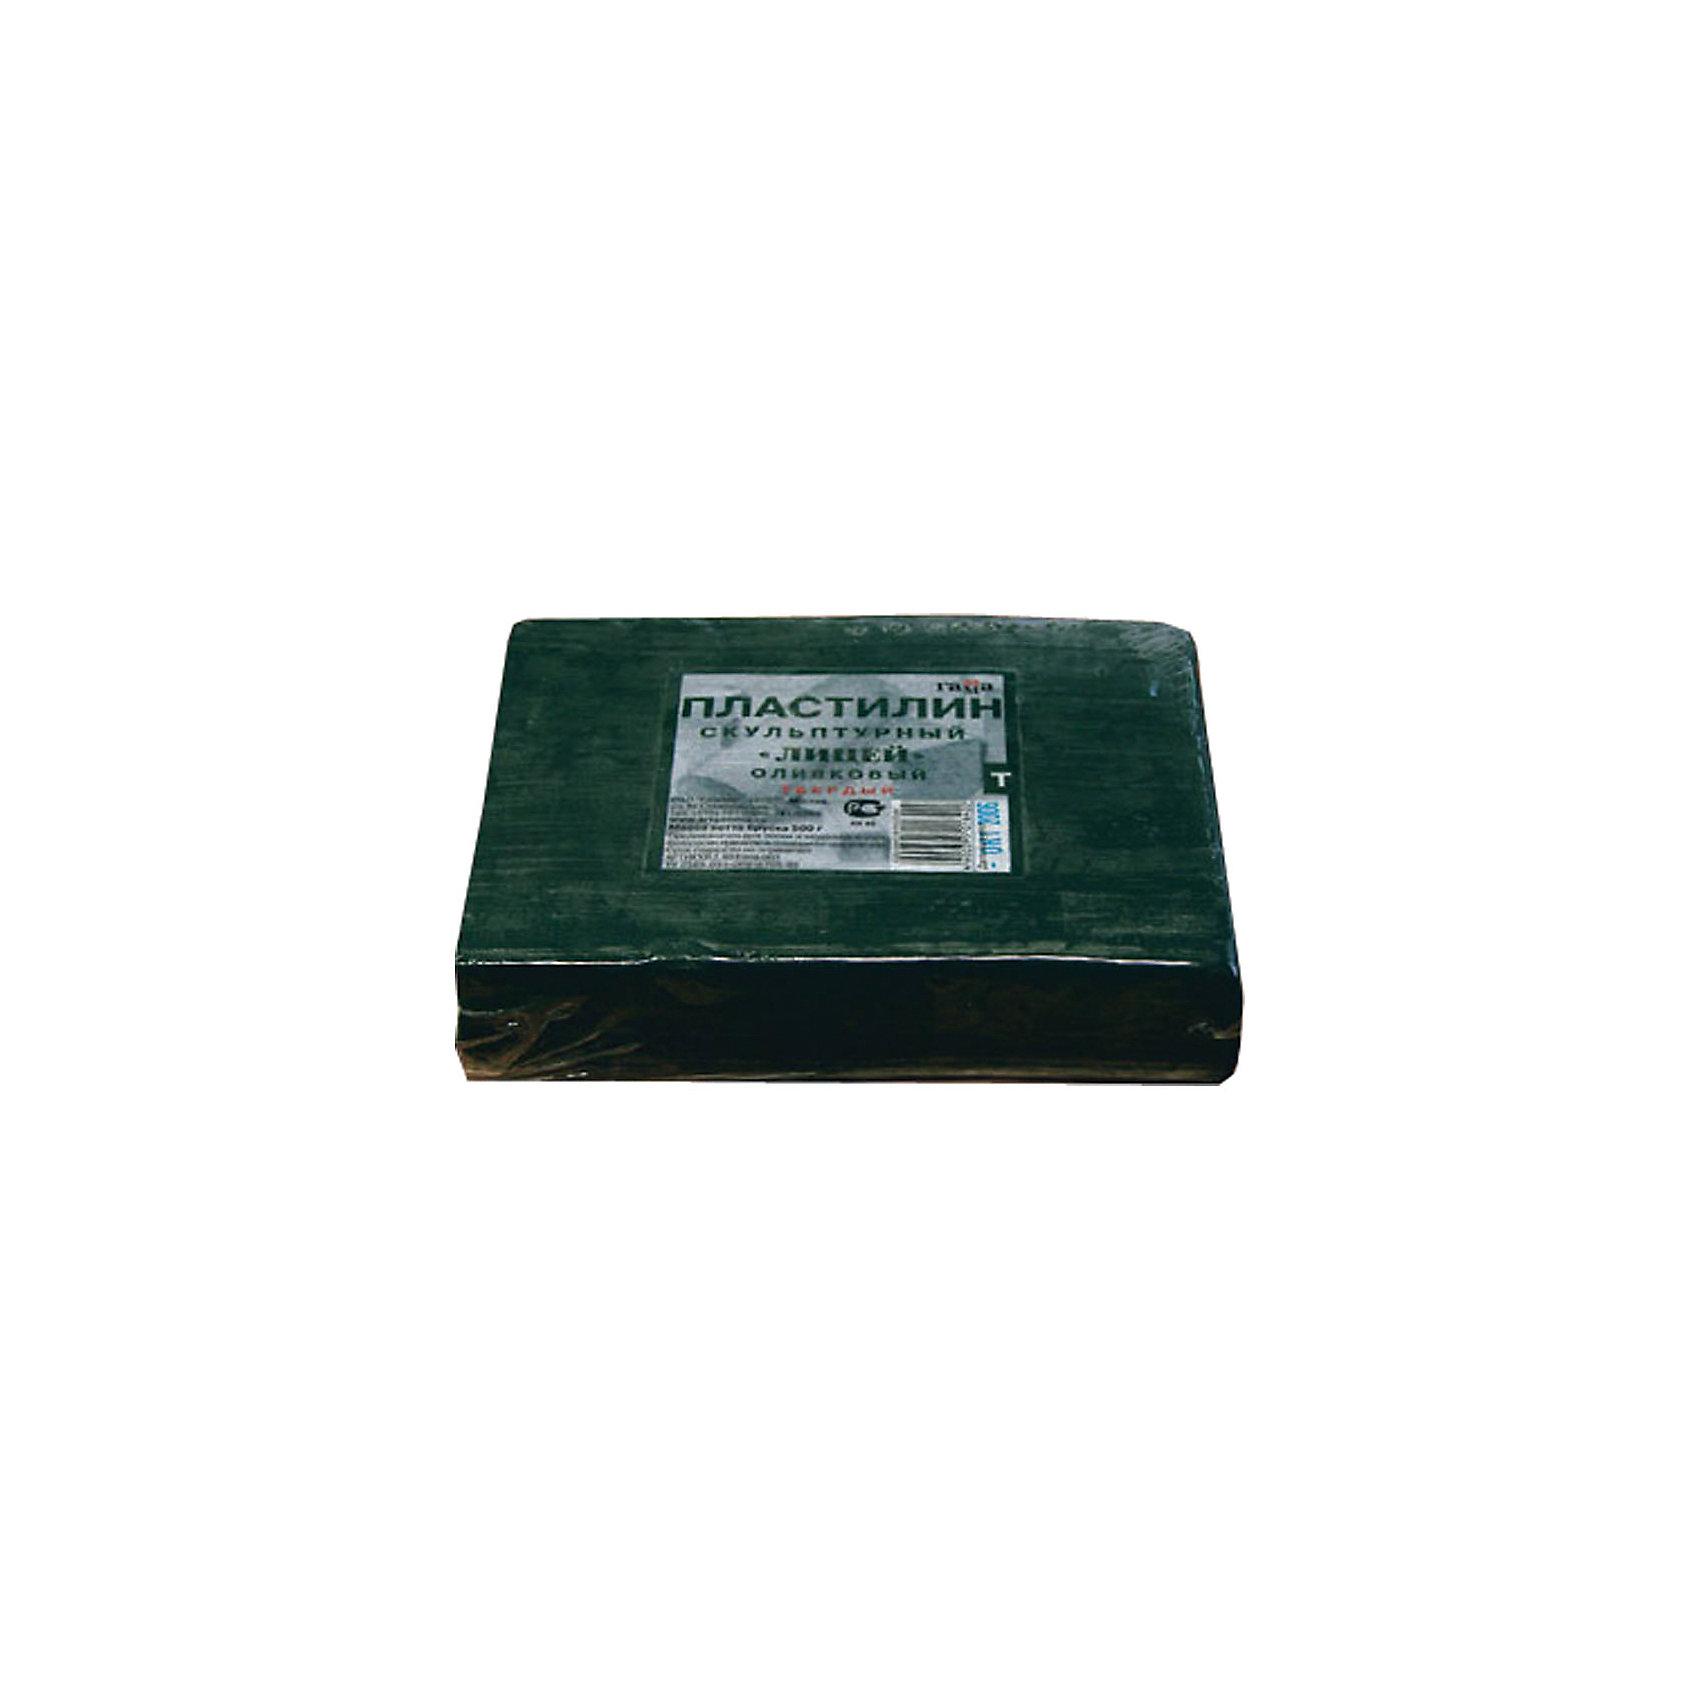 Пластилин скульптурный оливковый 0.5 кг, твердый ГаммаРисование и лепка<br>Характеристики:<br><br>• возраст: от 7 лет<br>• цвет: оливковый<br>• твердый<br>• вес: 500 гр.<br>• упаковка: пленка<br>• размер упаковки: 10х12х3,5 см.<br><br>Твердый скульптурный пластилин предназначен для любительских и профессиональных скульптурных работ. Сохраняя все достоинства традиционного пластилина, он пластичен в процессе моделирования и при этом идеально держит форму, что позволяет создавать из него небольшие предметы, в которых требуется очень тонкая и четкая проработка формы.<br><br>Пластилин изготовлен из воскообразной массы с добавлением минеральных пигментов и наполнителей. Устойчив к температурным изменениям.<br><br>Пластилин скульптурный оливковый 0.5 кг, твердый Гамма можно купить в нашем интернет-магазине.<br><br>Ширина мм: 105<br>Глубина мм: 115<br>Высота мм: 30<br>Вес г: 505<br>Возраст от месяцев: 84<br>Возраст до месяцев: 2147483647<br>Пол: Унисекс<br>Возраст: Детский<br>SKU: 7010506